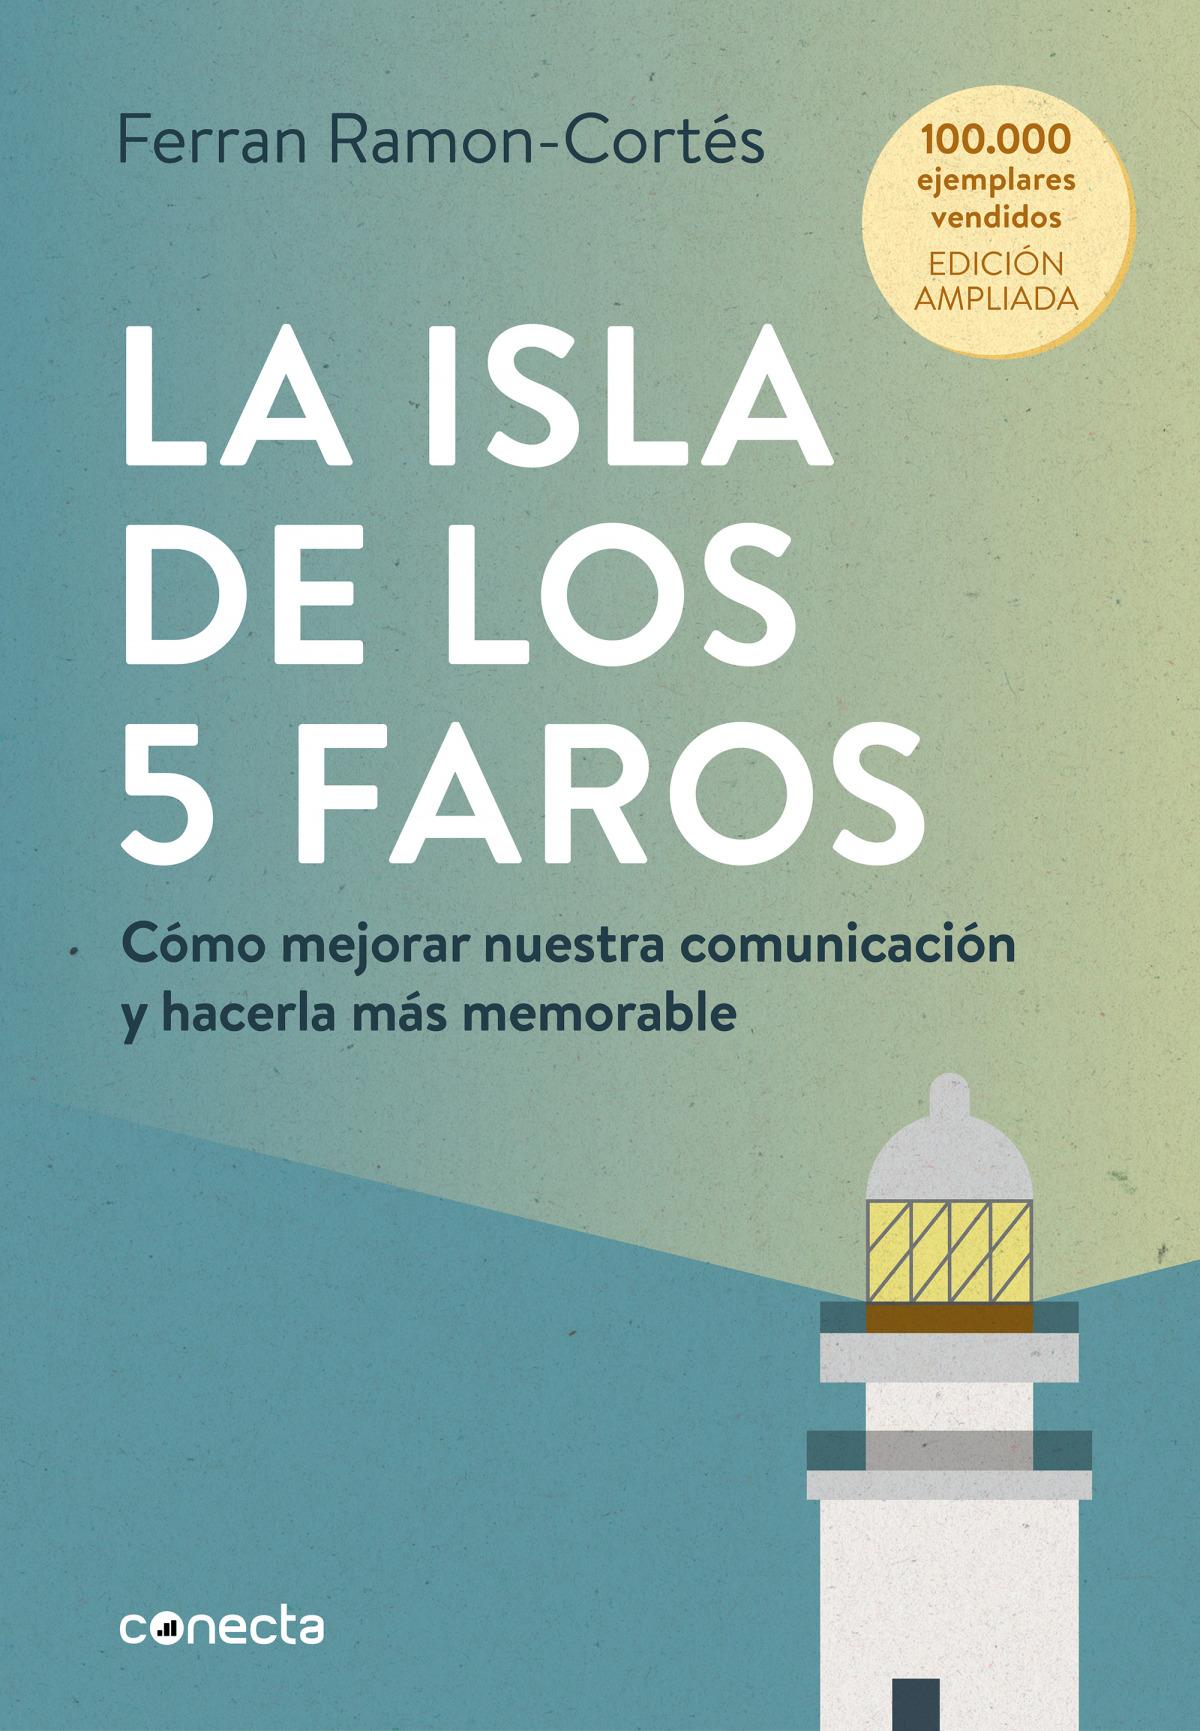 La isla de los 5 faros (edición ampliada y actualizada)